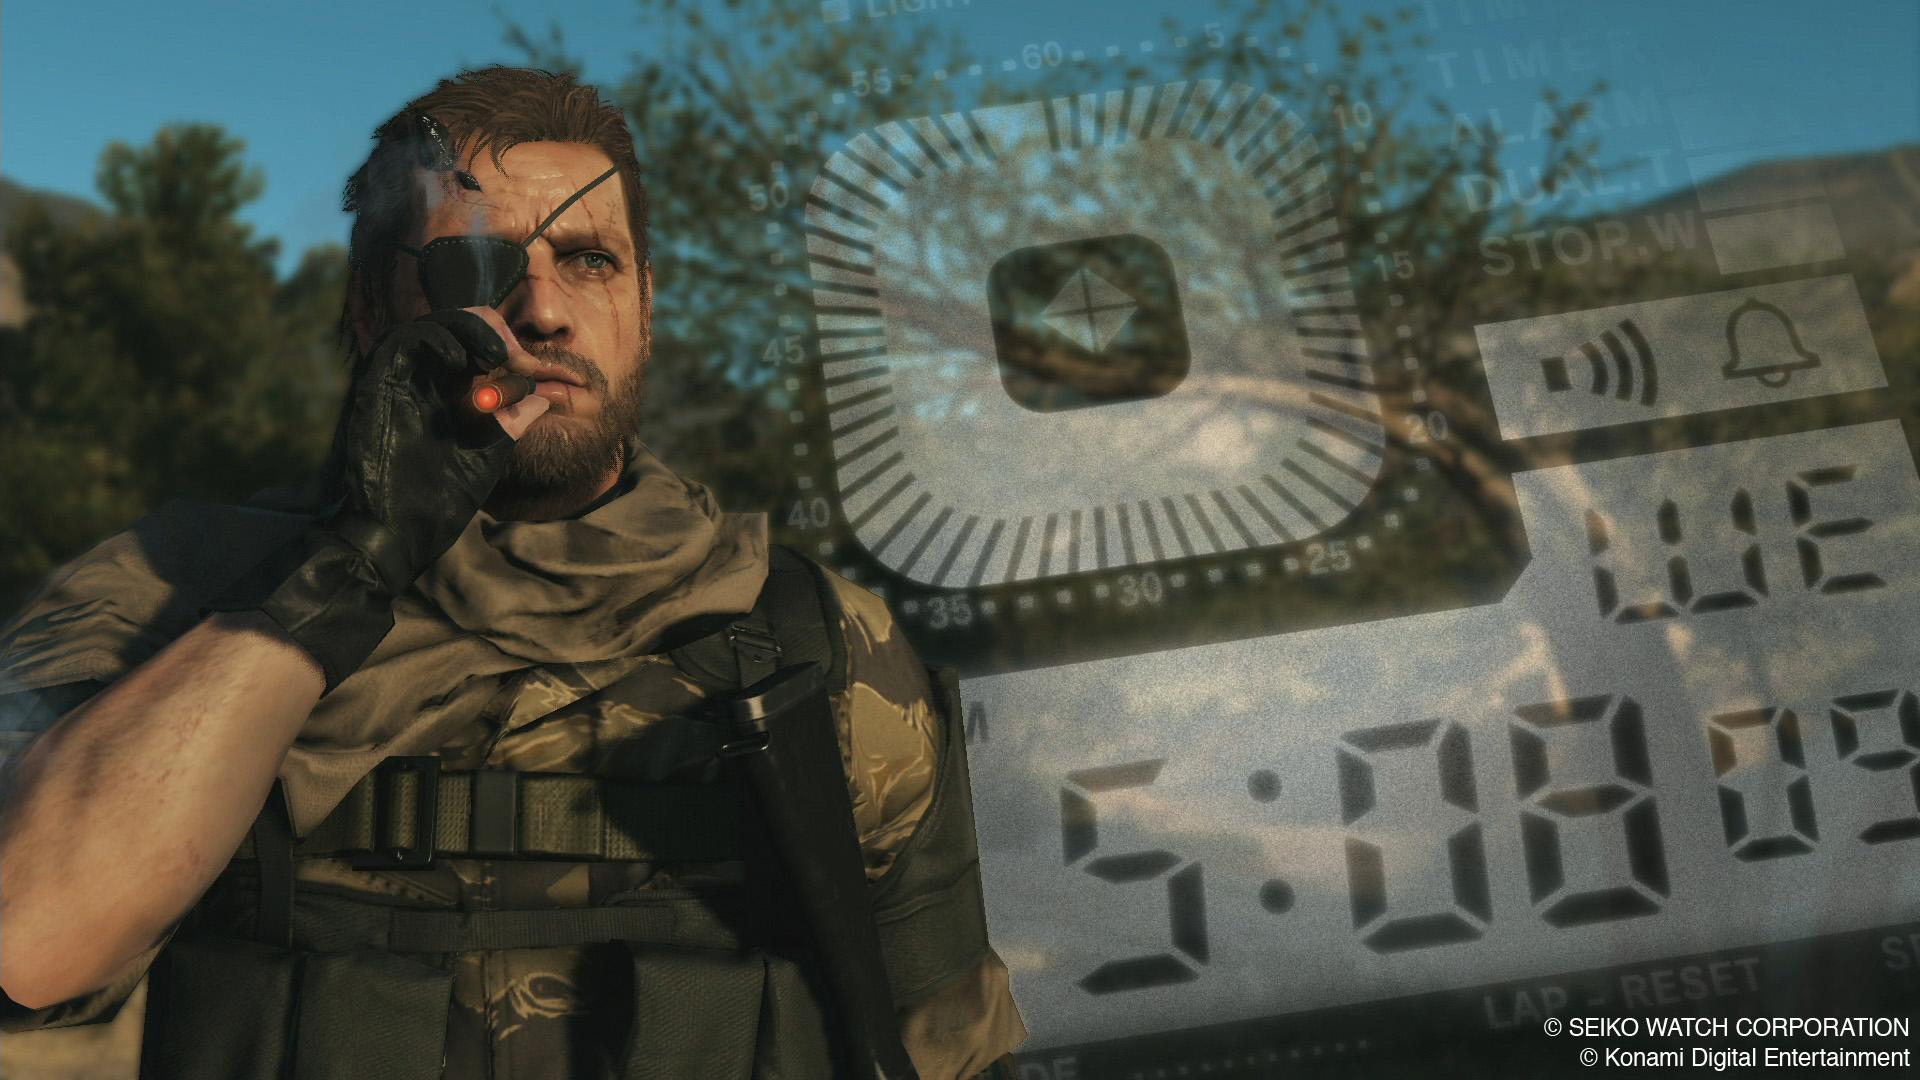 Metal Gear Solid V Wallpaper 8